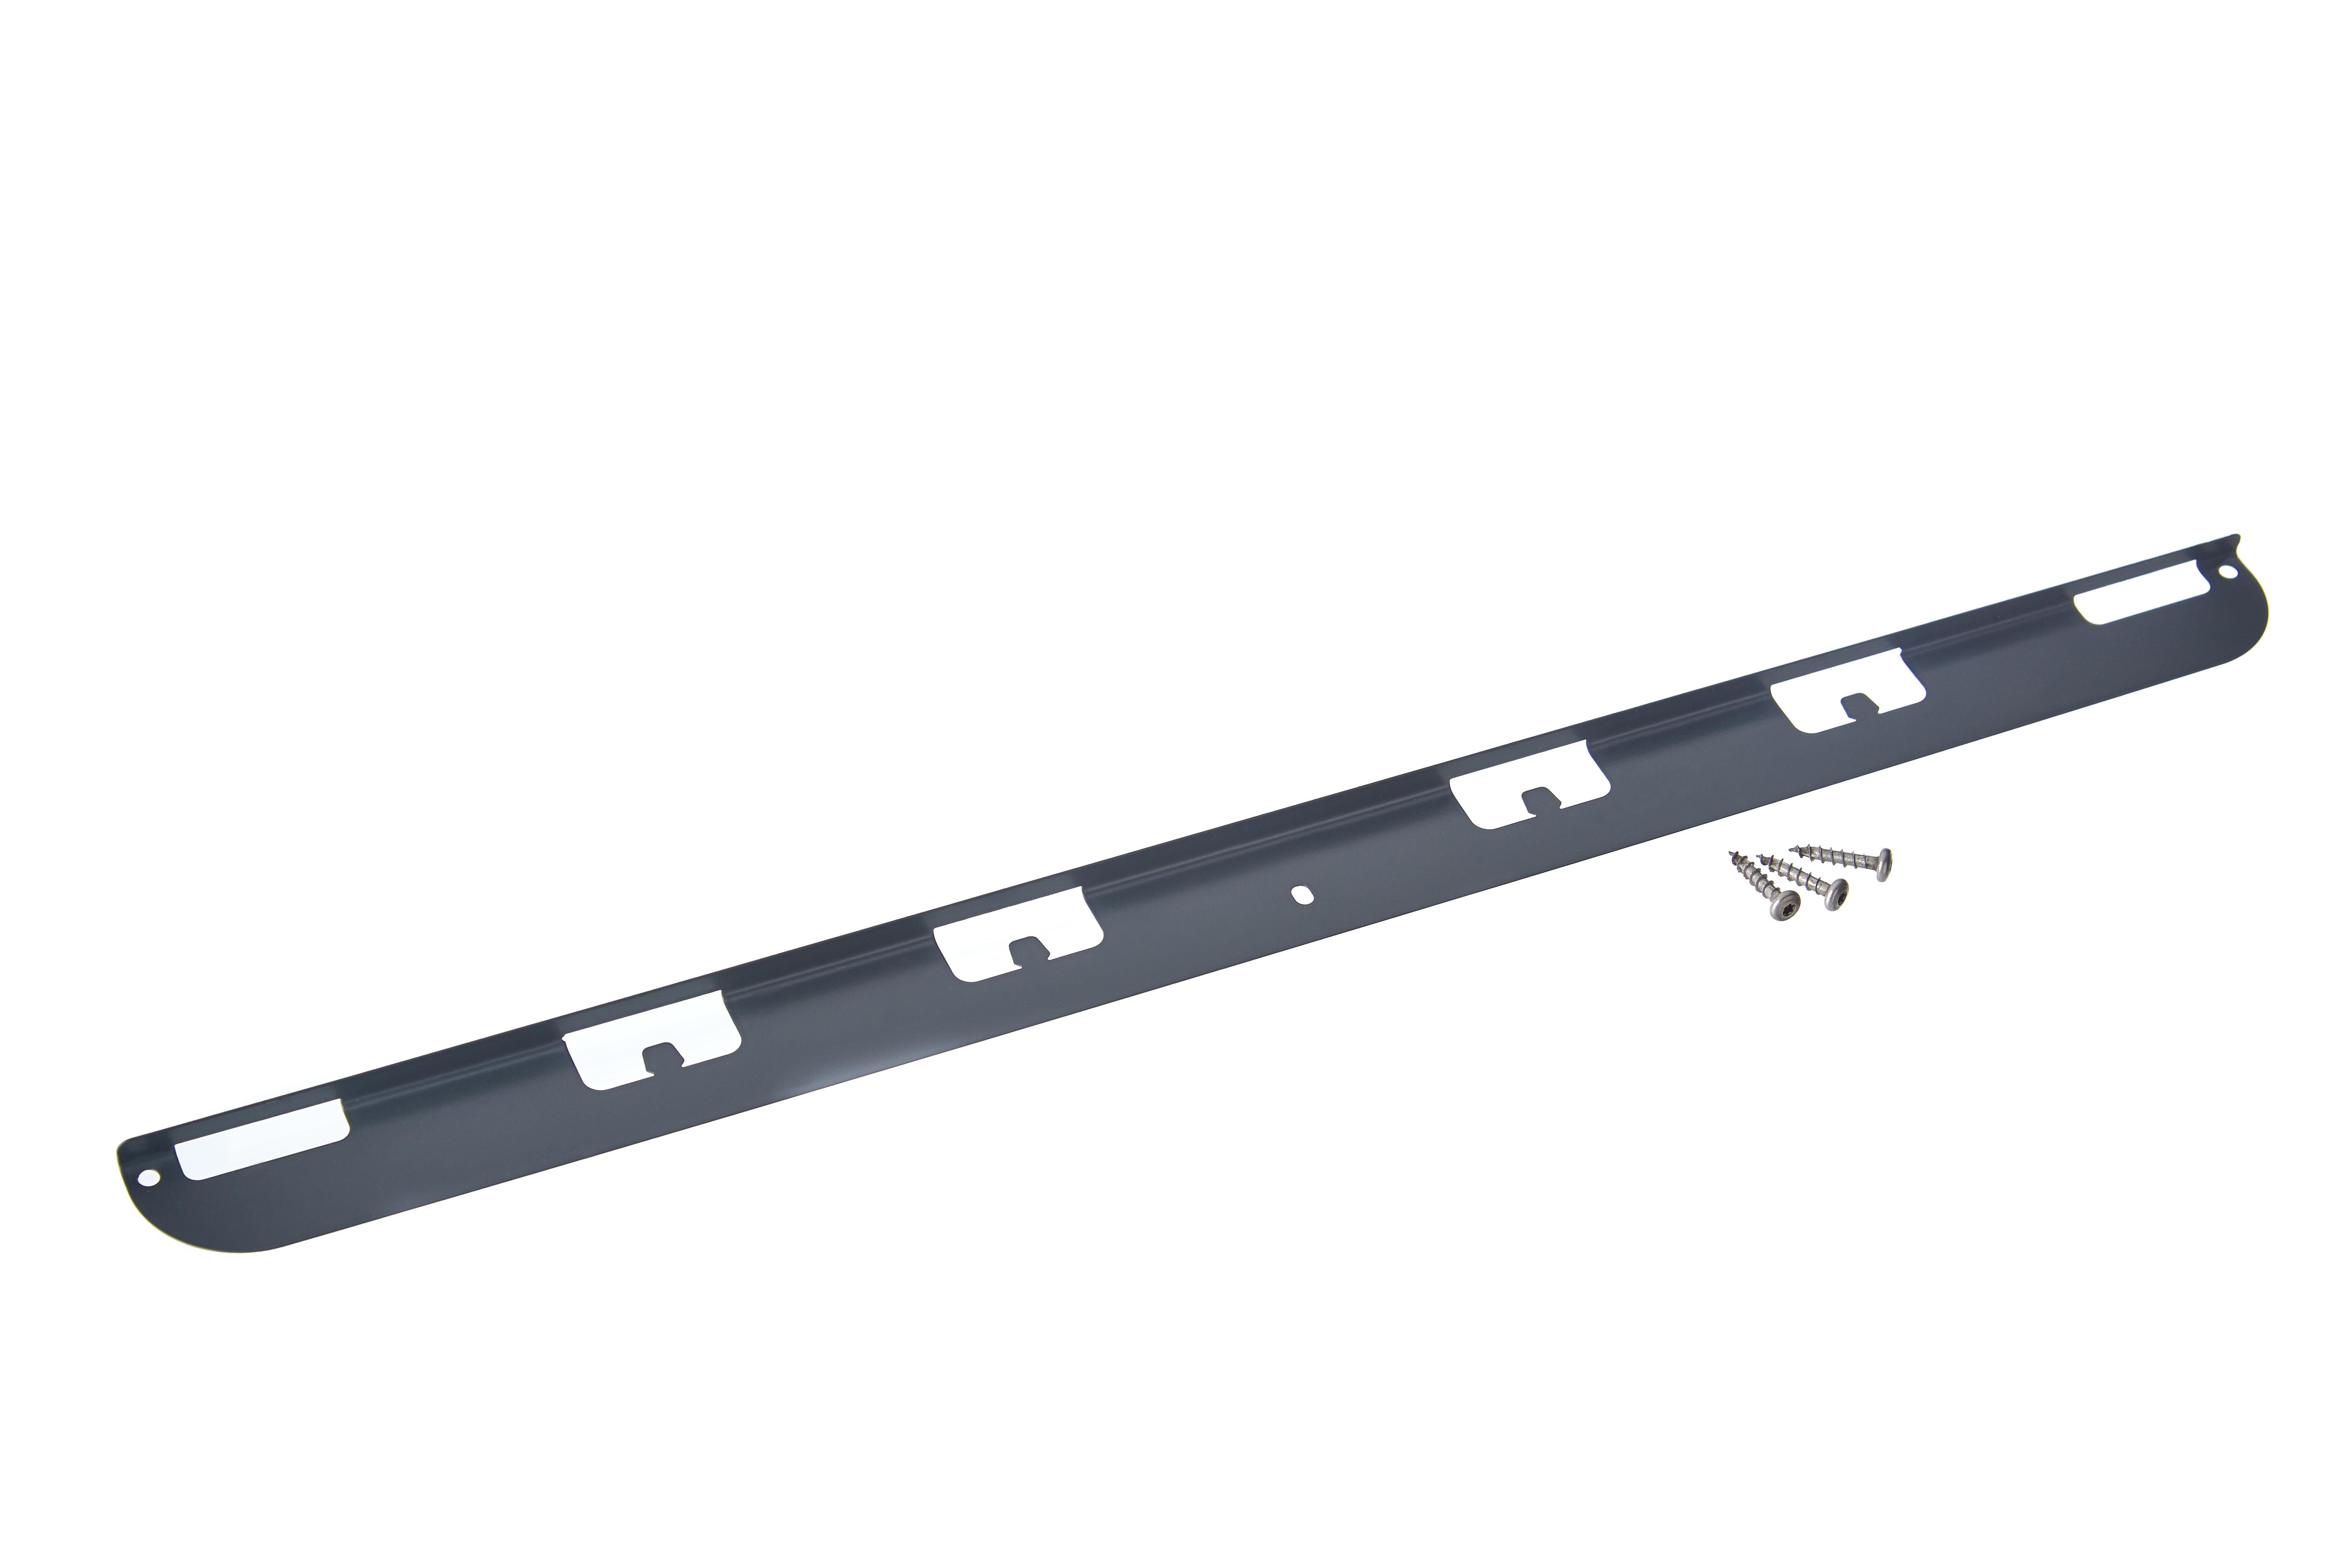 gabioka Einhängewinkel 60cm anthrazit pulverbeschichtet (RAL 7016 glatt matt)